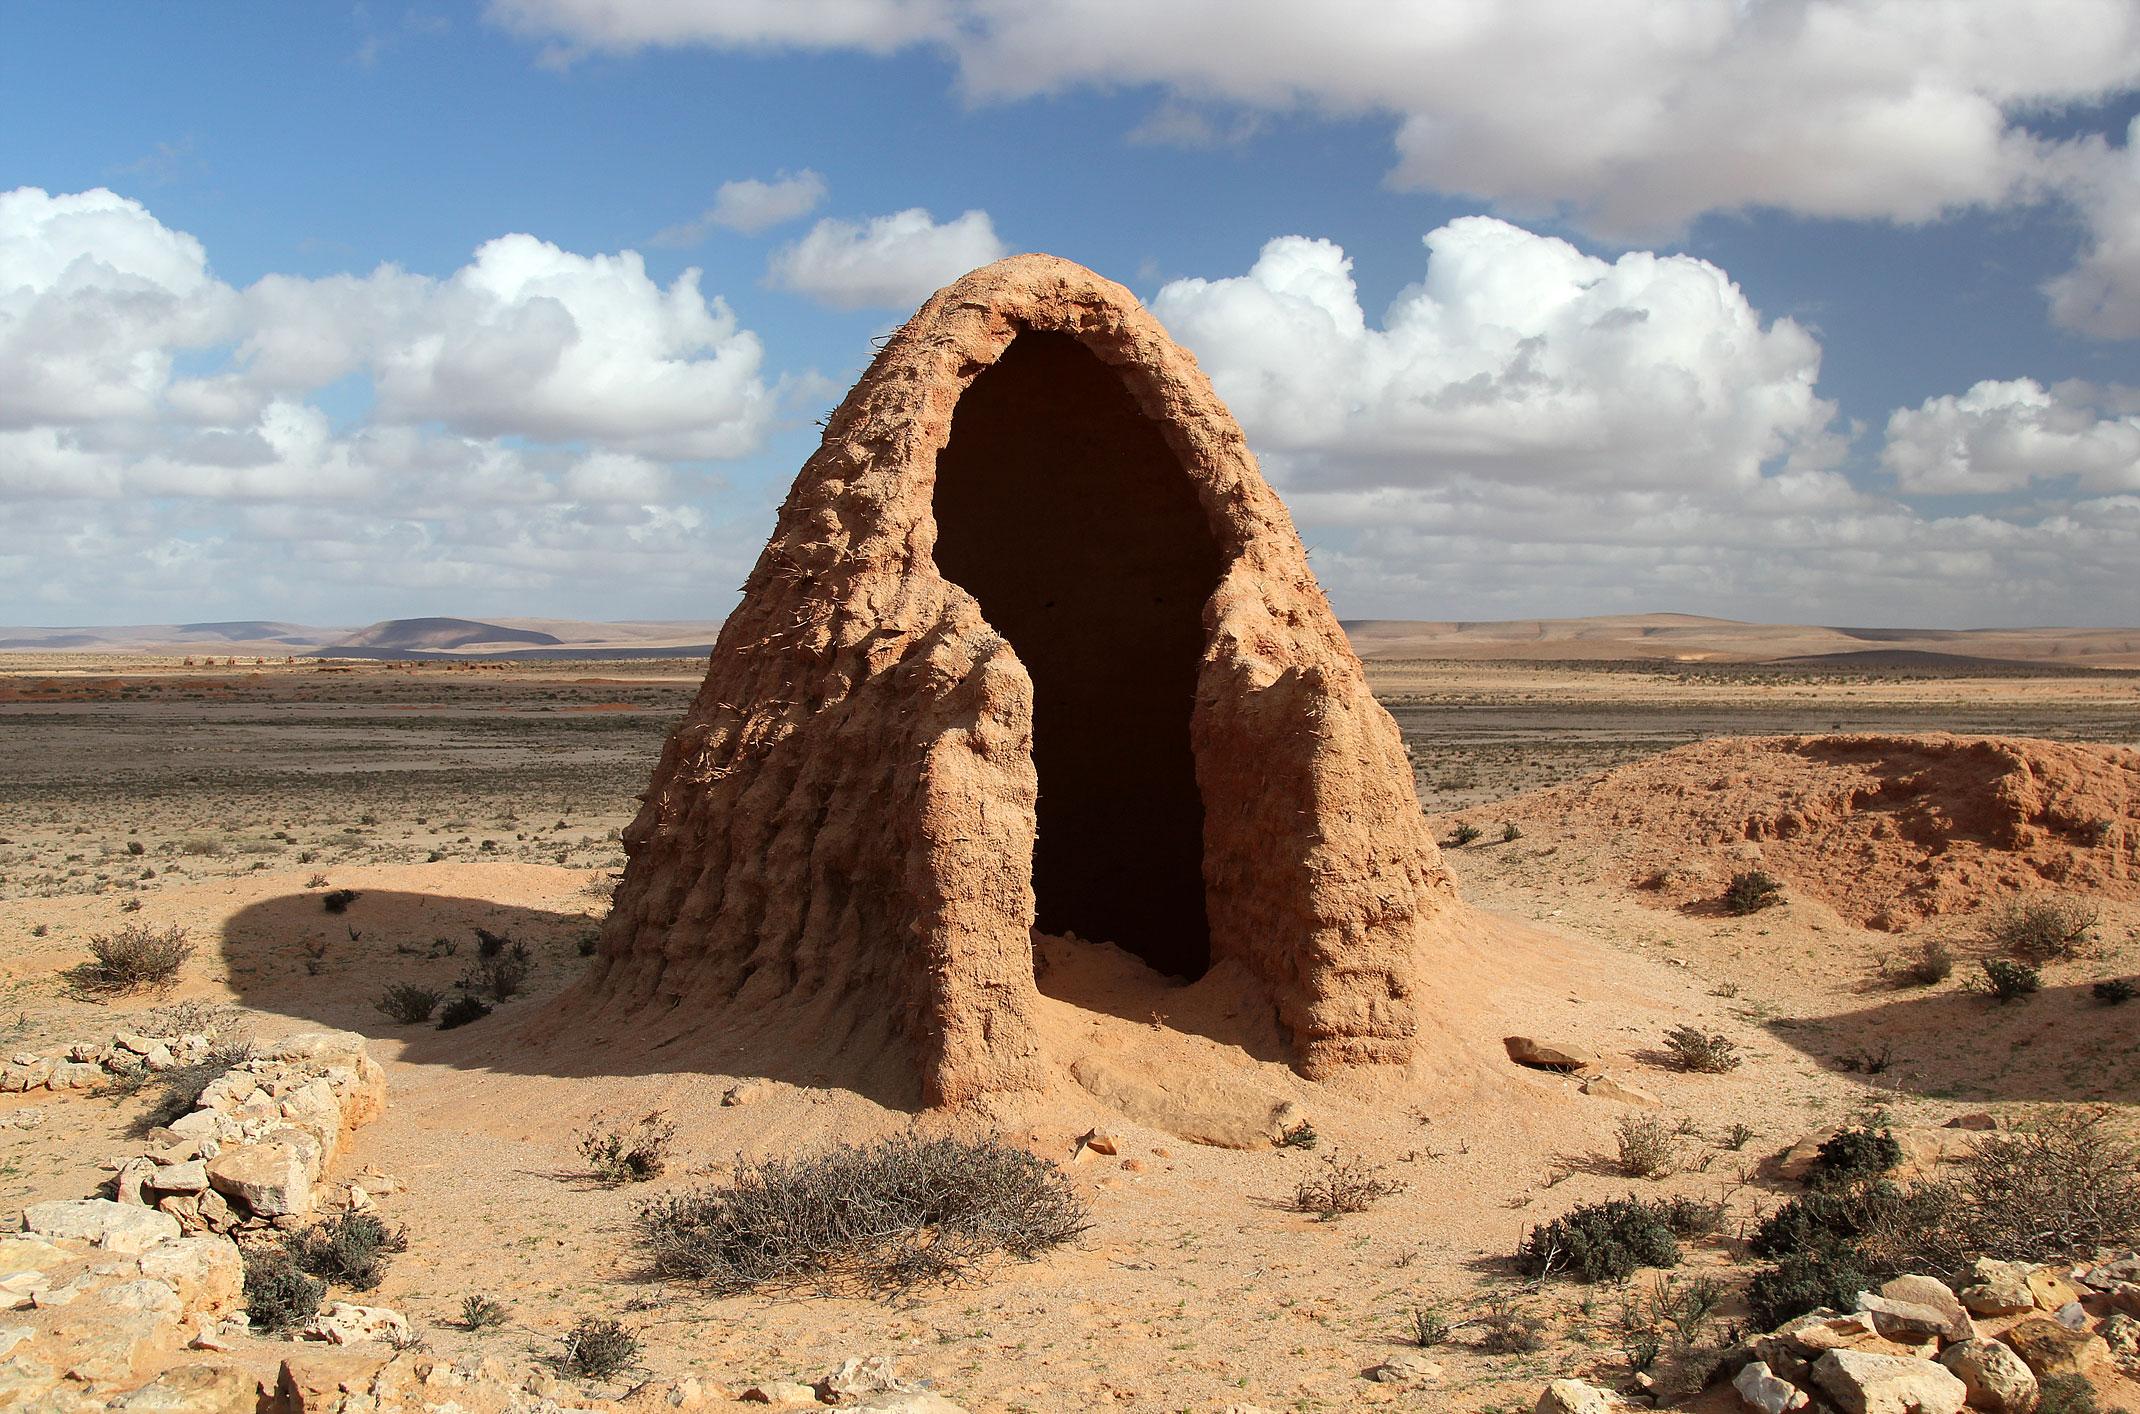 Maroko.Małe budyneczki z gliny z kopułkami tworzą wioskę